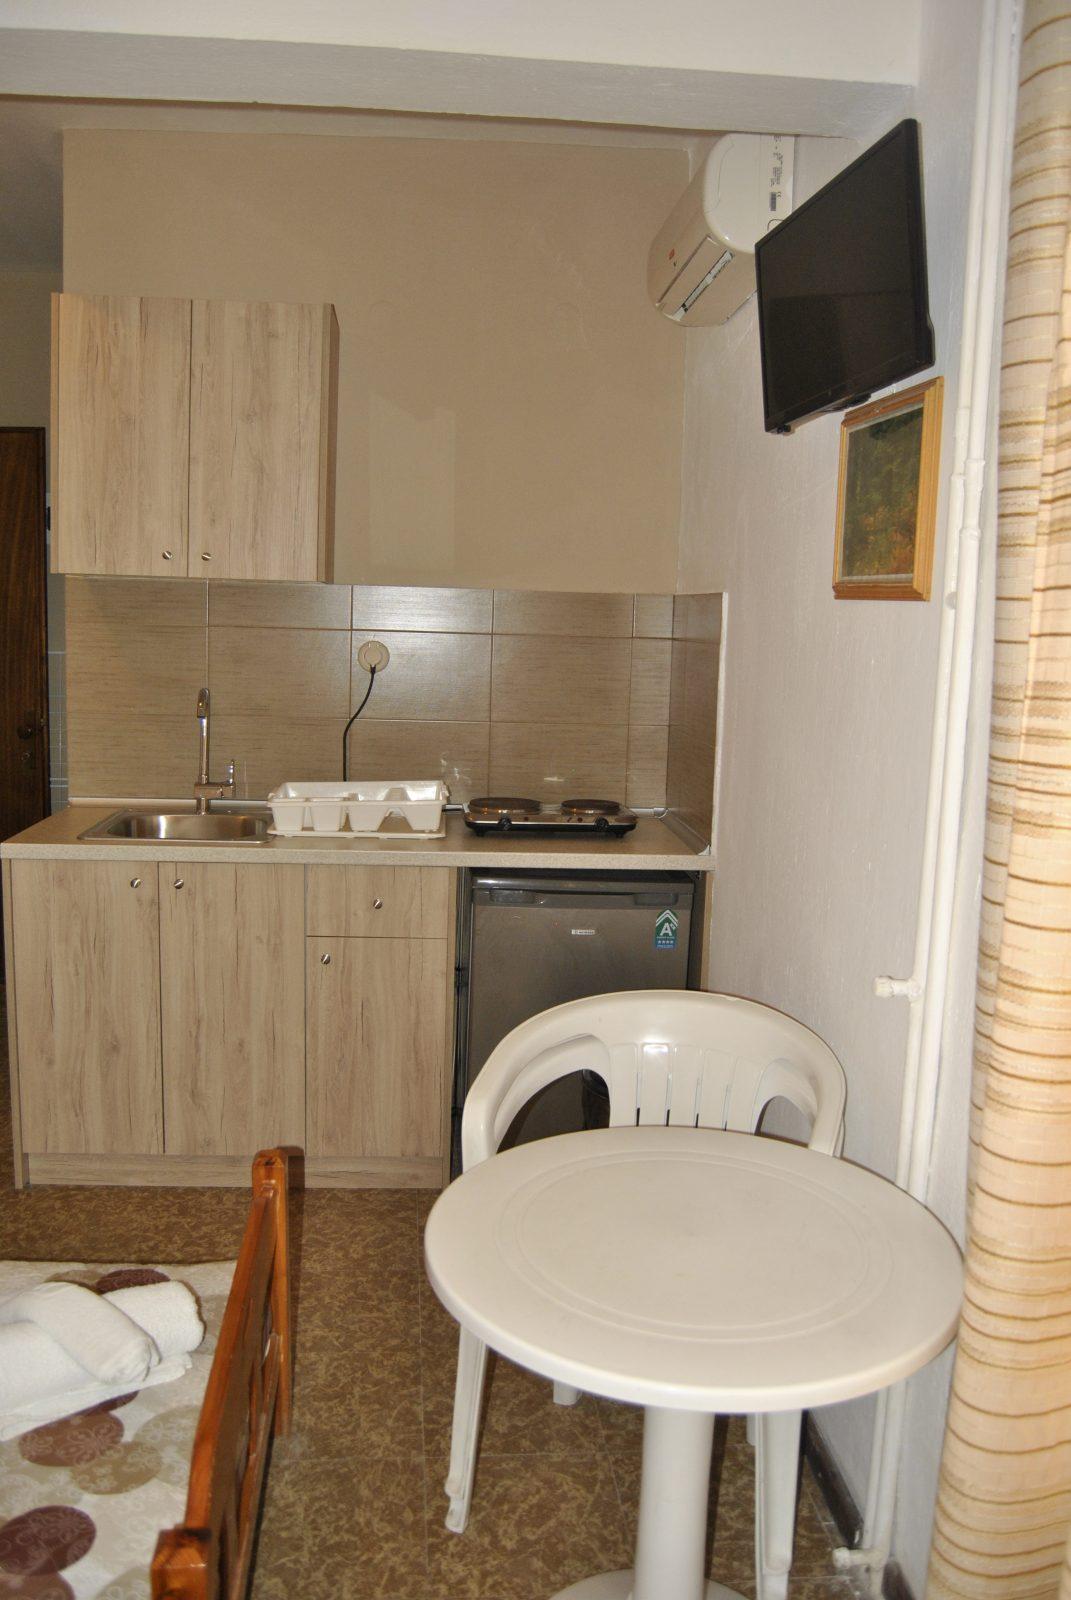 Grcka apartmani letovanje, Nea Flogita Halkidiki, Pirgioti, izgled kuhinje u studiu